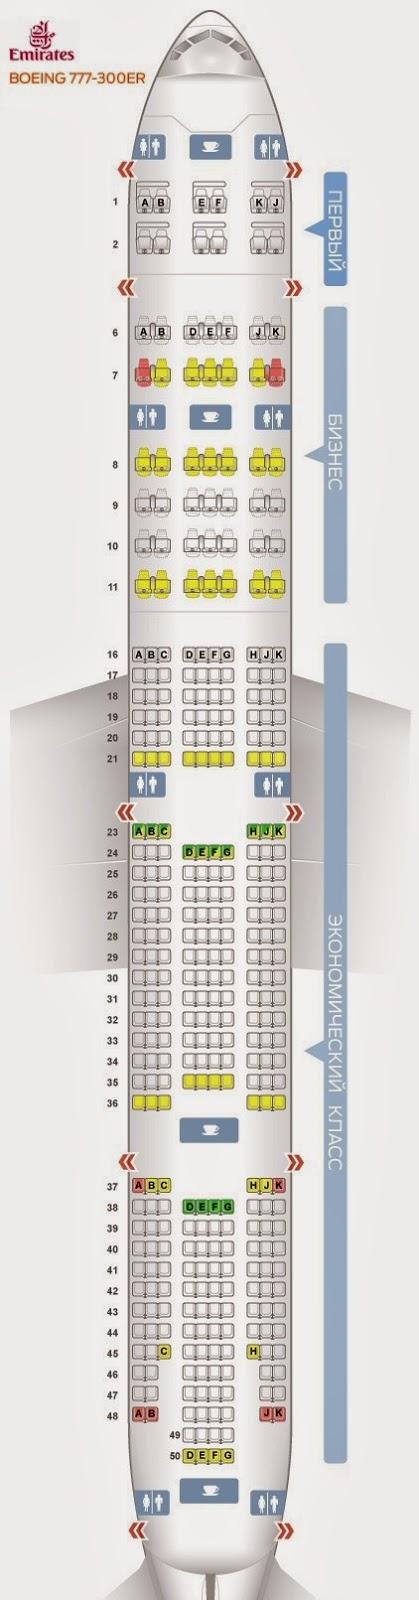 самолёт боинг 777-300 схема салона аэрофлот лучшие места